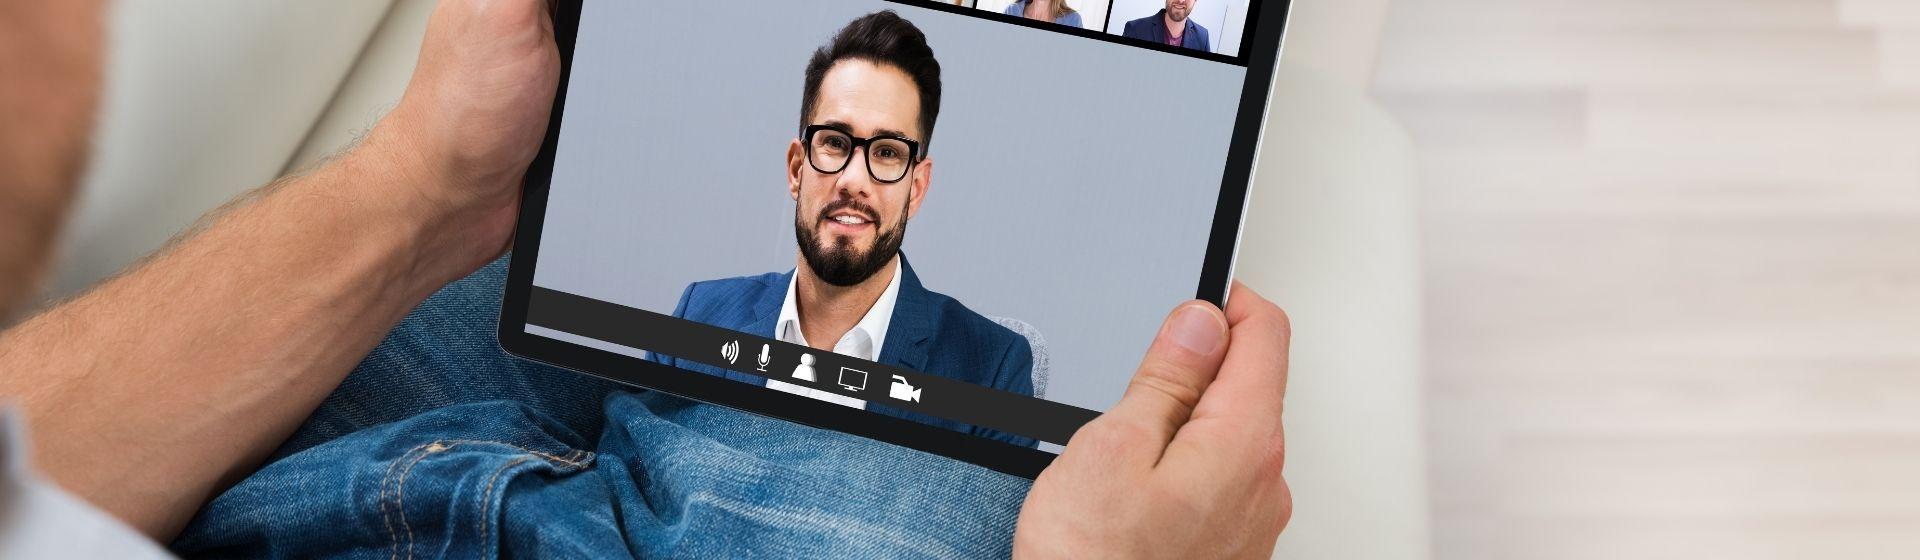 Tablet Multilaser: confira os melhores